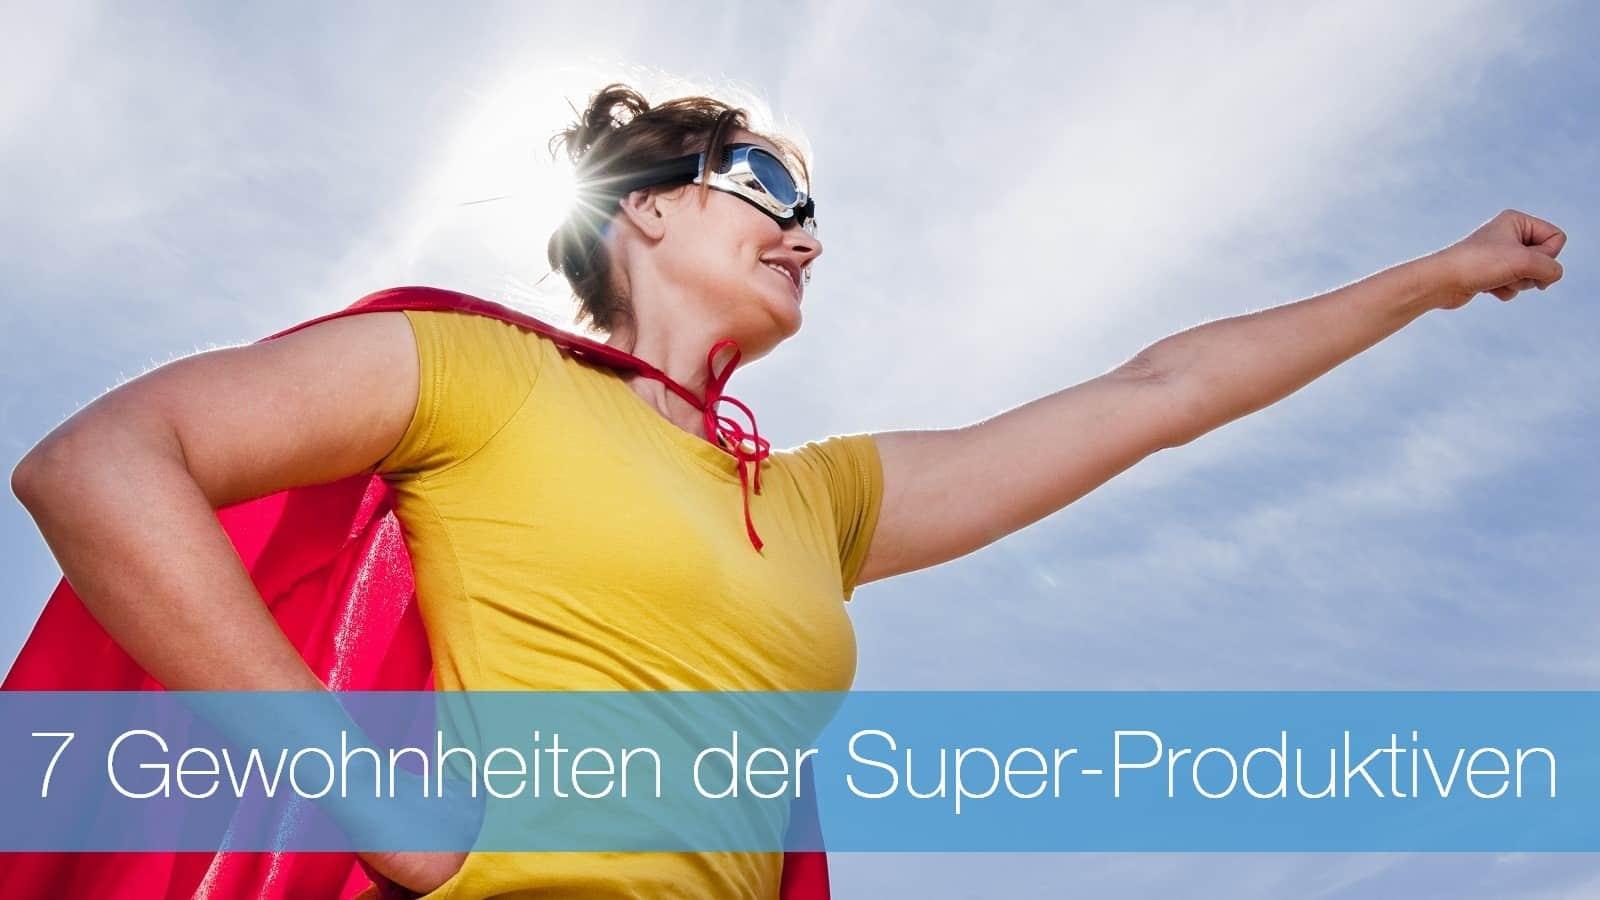 7 Einstellungen und Gewohnheiten der Super-Produktiven